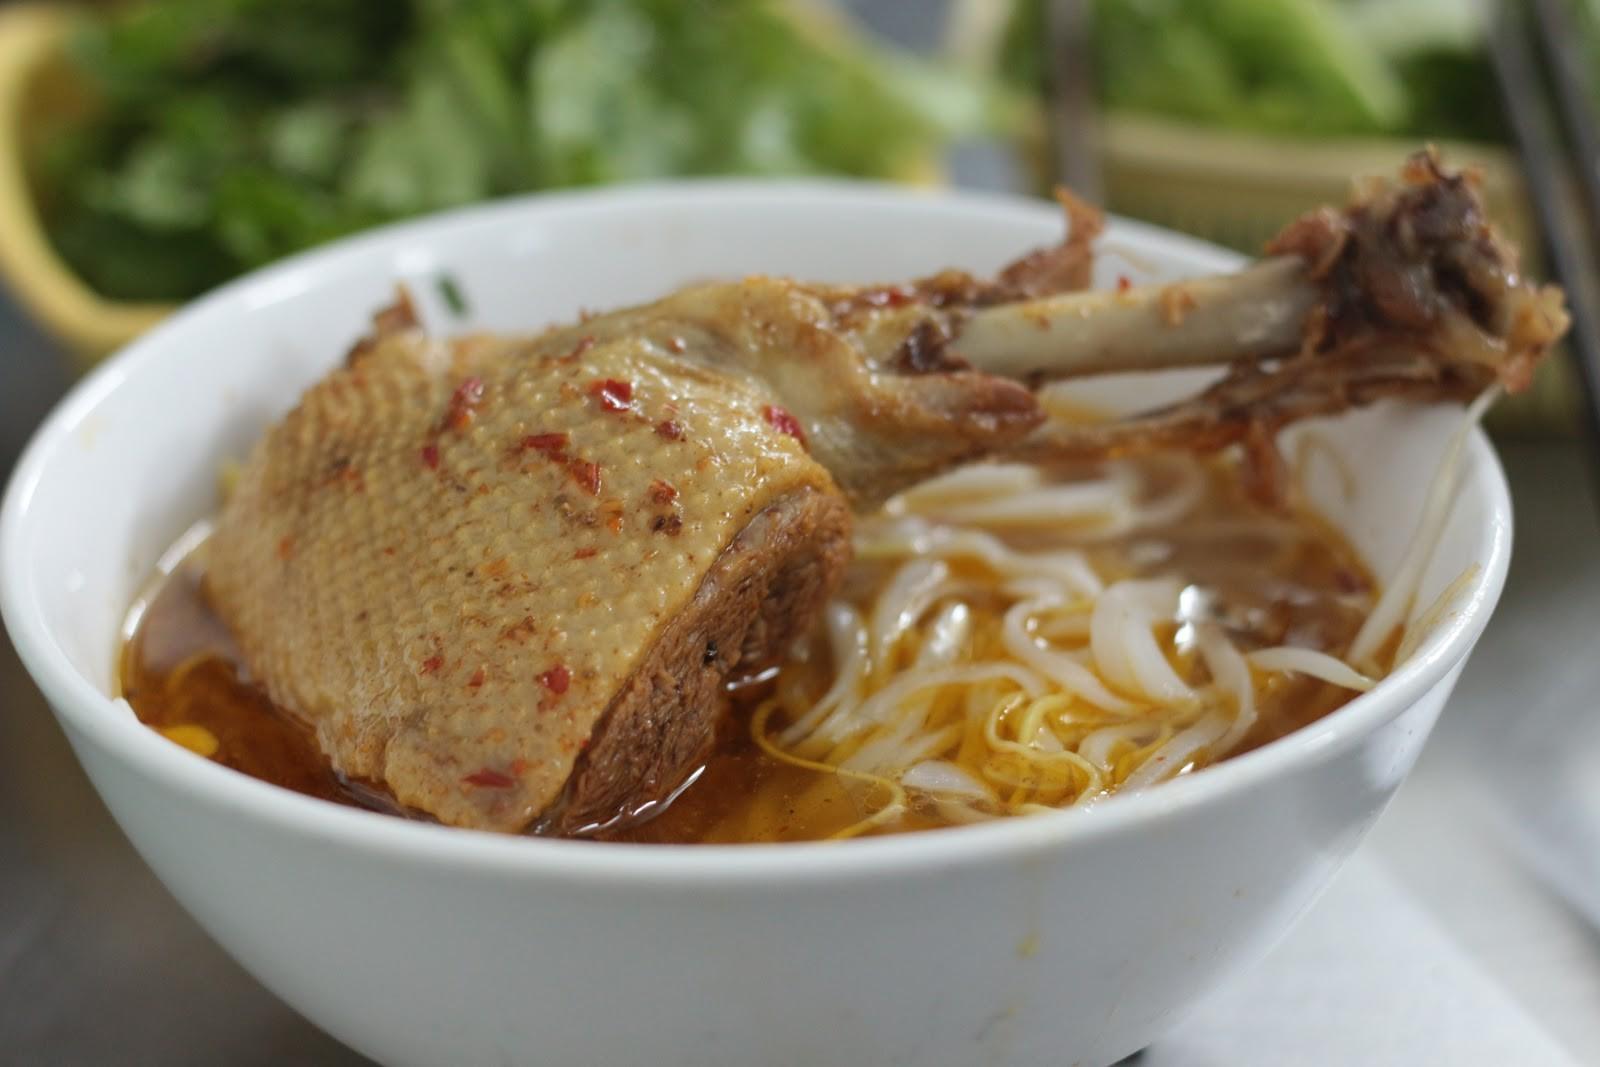 Có cả những biến thể nấu với vịt, chẳng hạn như mì Quảng vịt Phan Thiết này